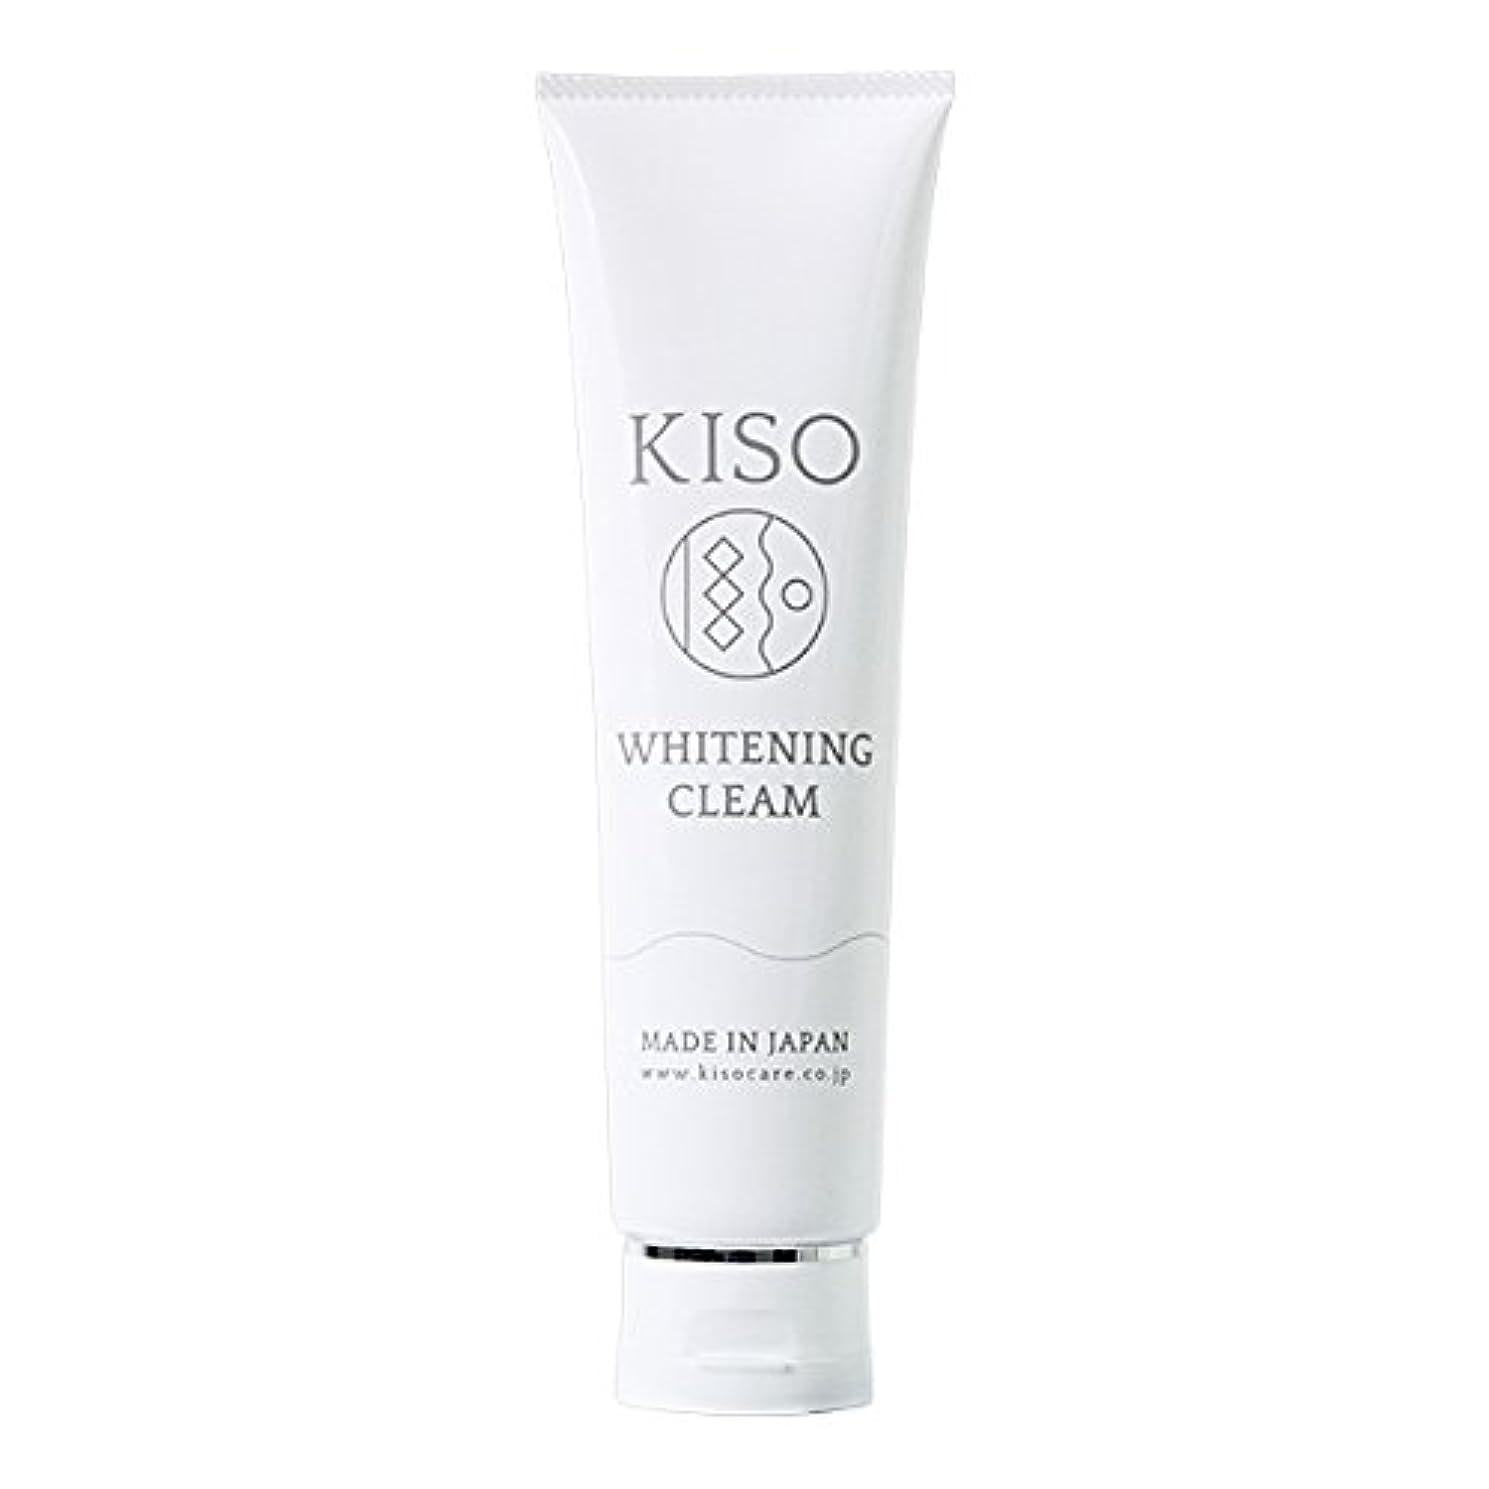 【KISO 薬用 ホワイトニング クリーム 150g】 【医薬部外品】トラネキサム酸2%配合クリーム。